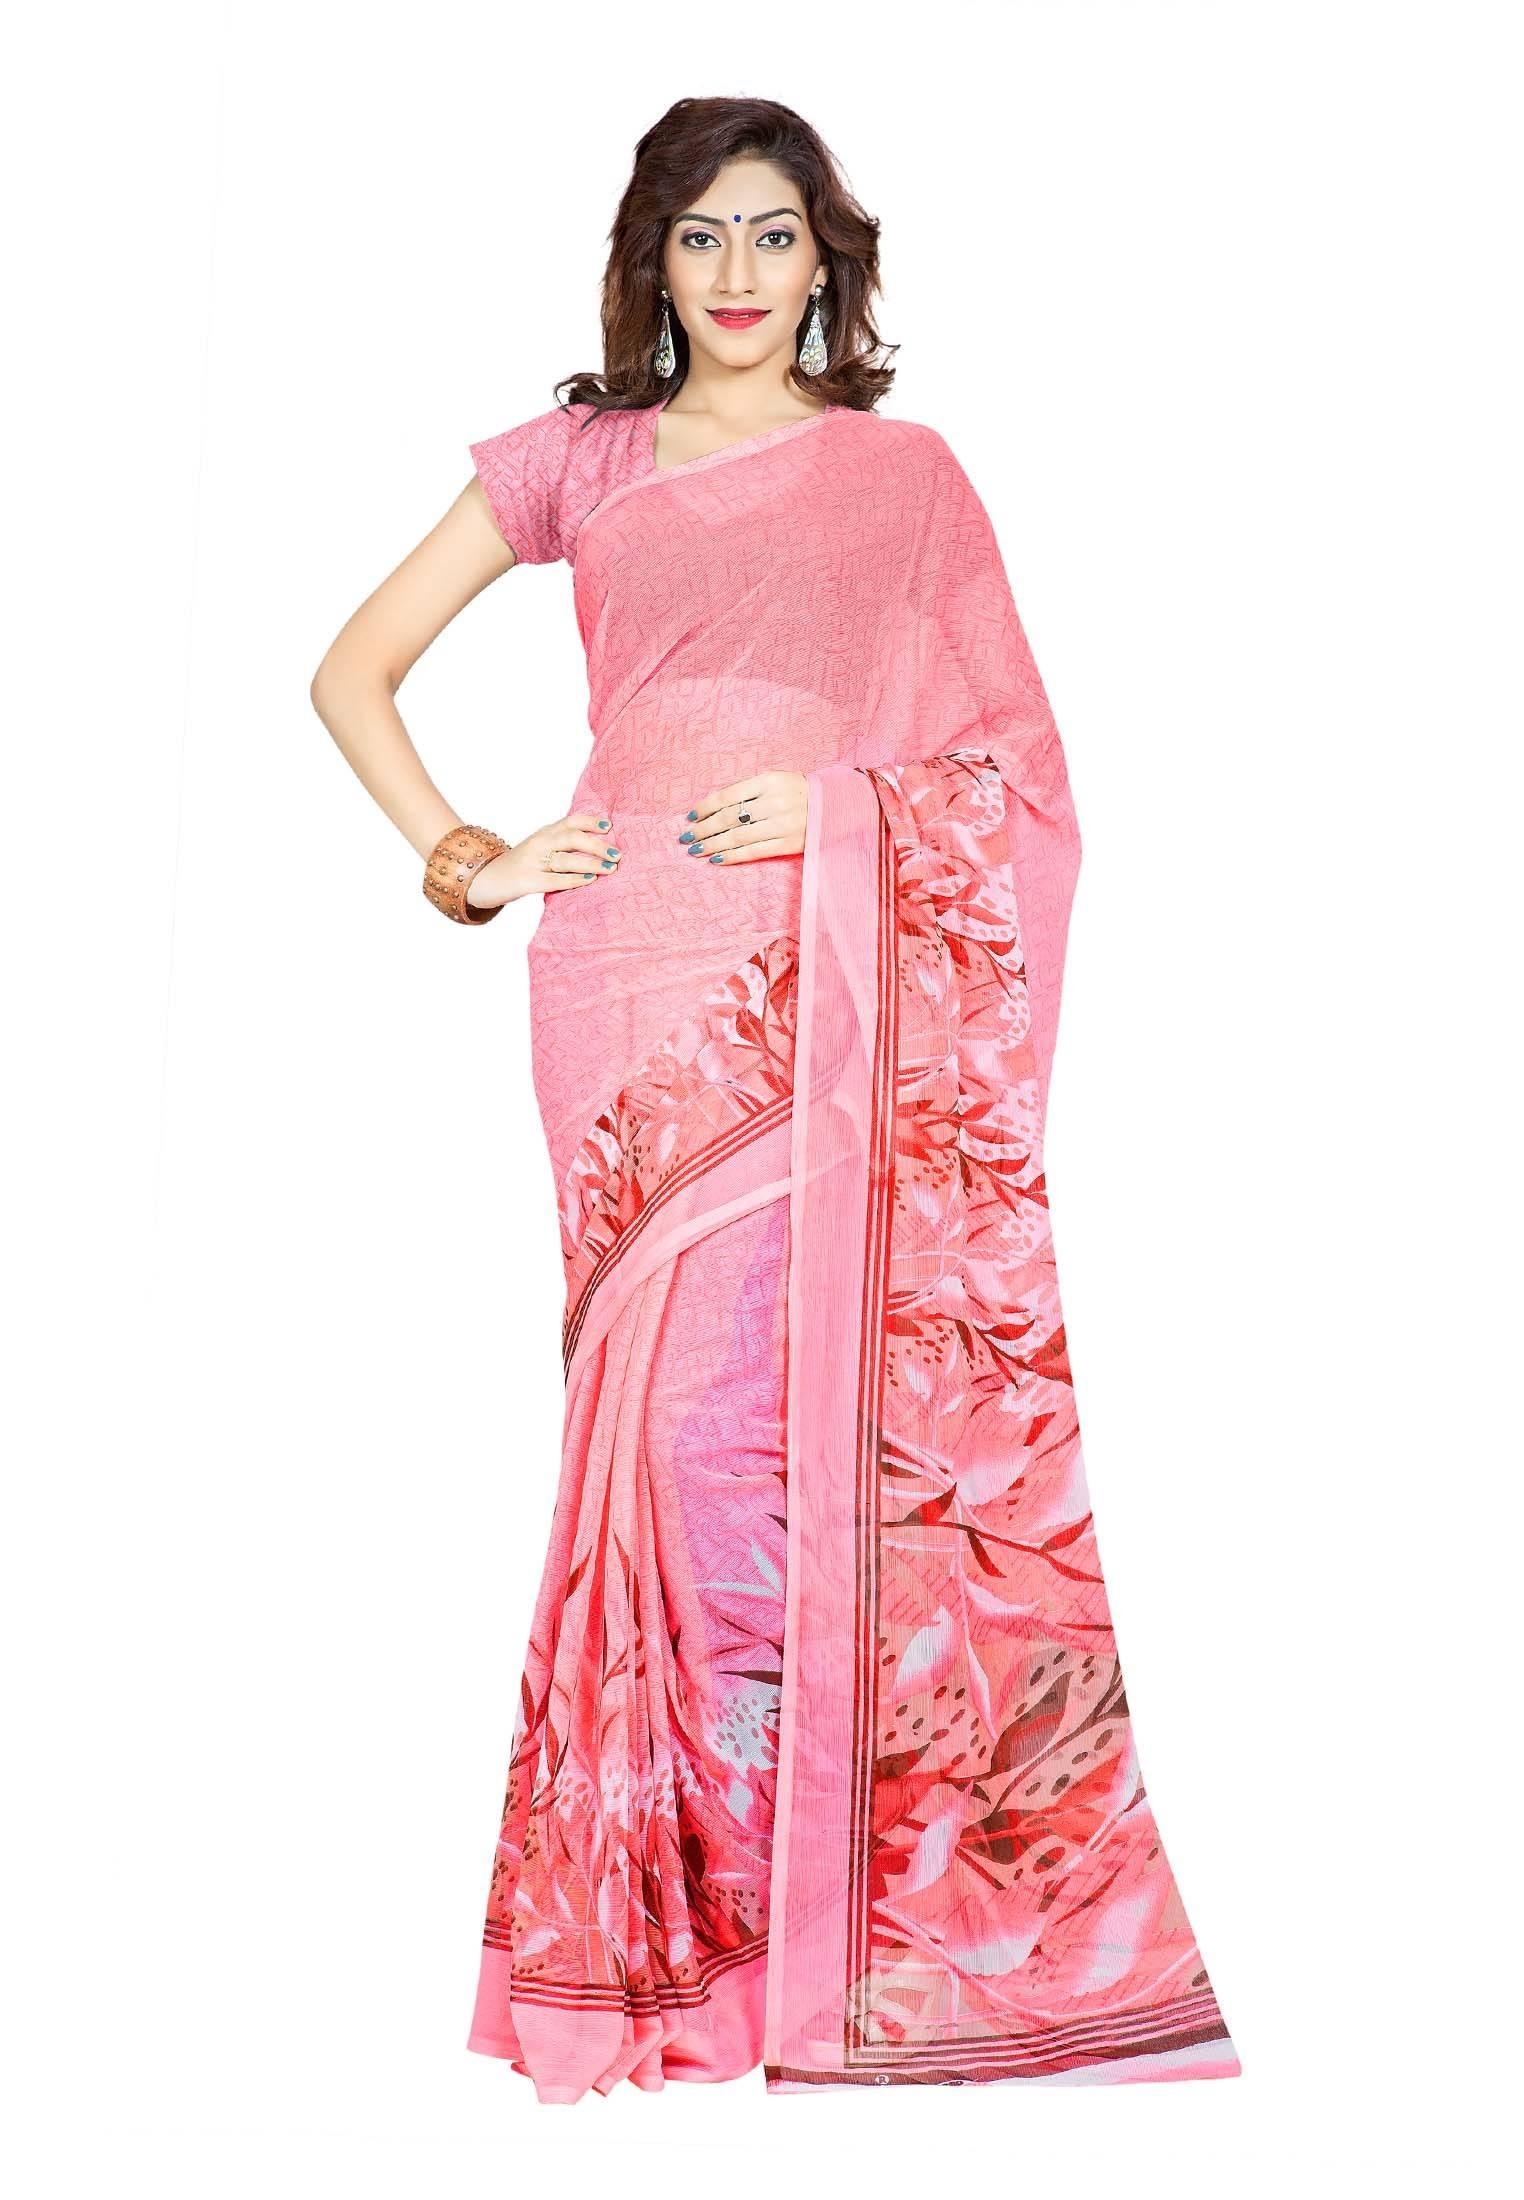 Ambaji Casual Wear Salmon Colored Printed Chiffon Saree/Sari